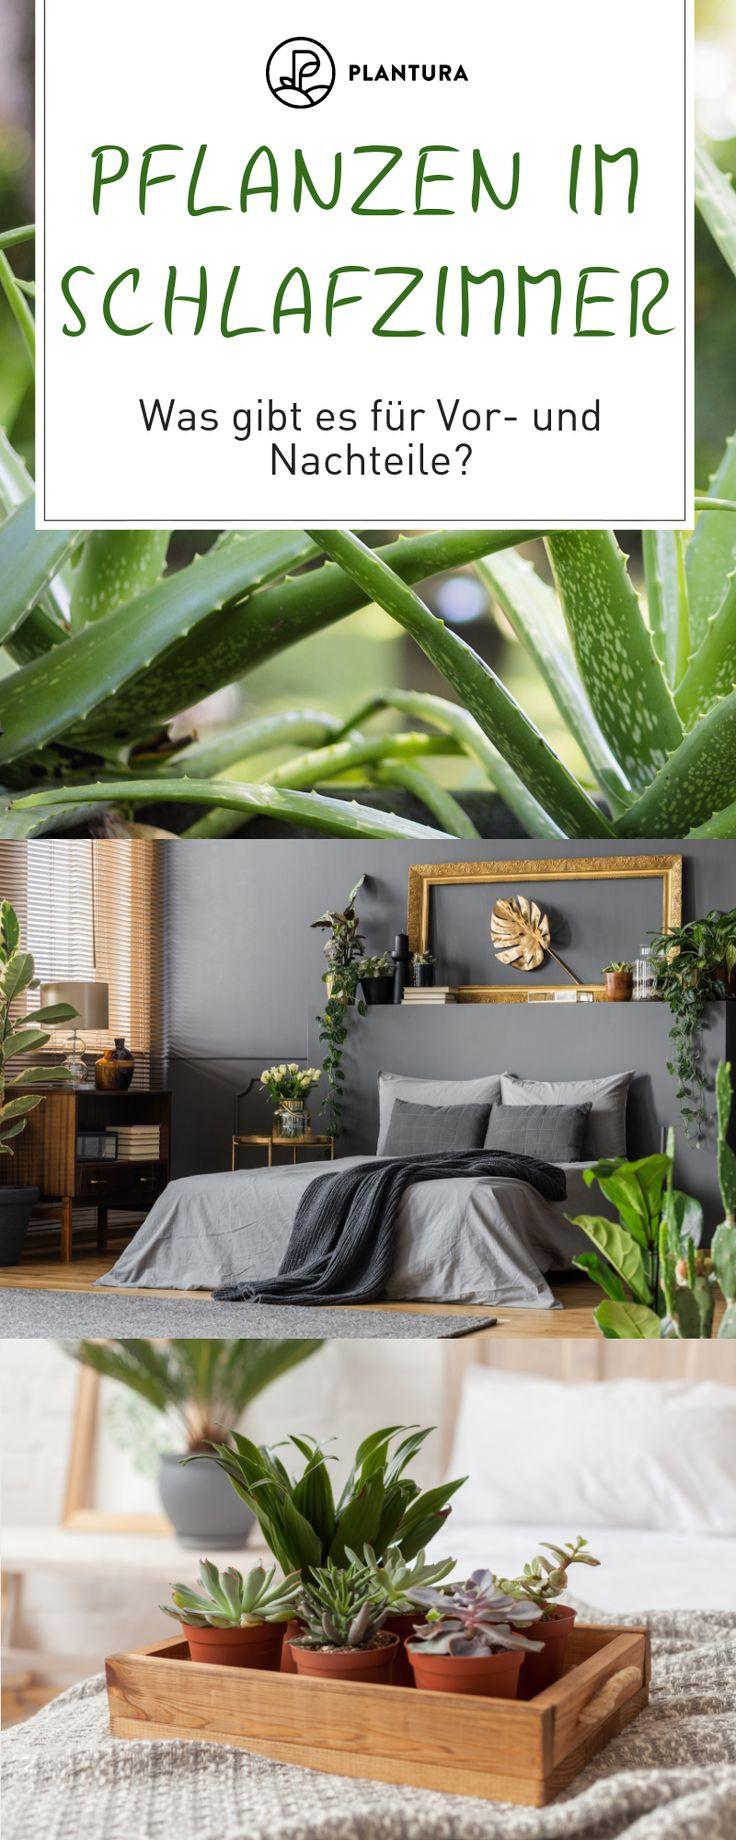 Pflanzen im Schlafzimmer Vorteile, Nachteile und